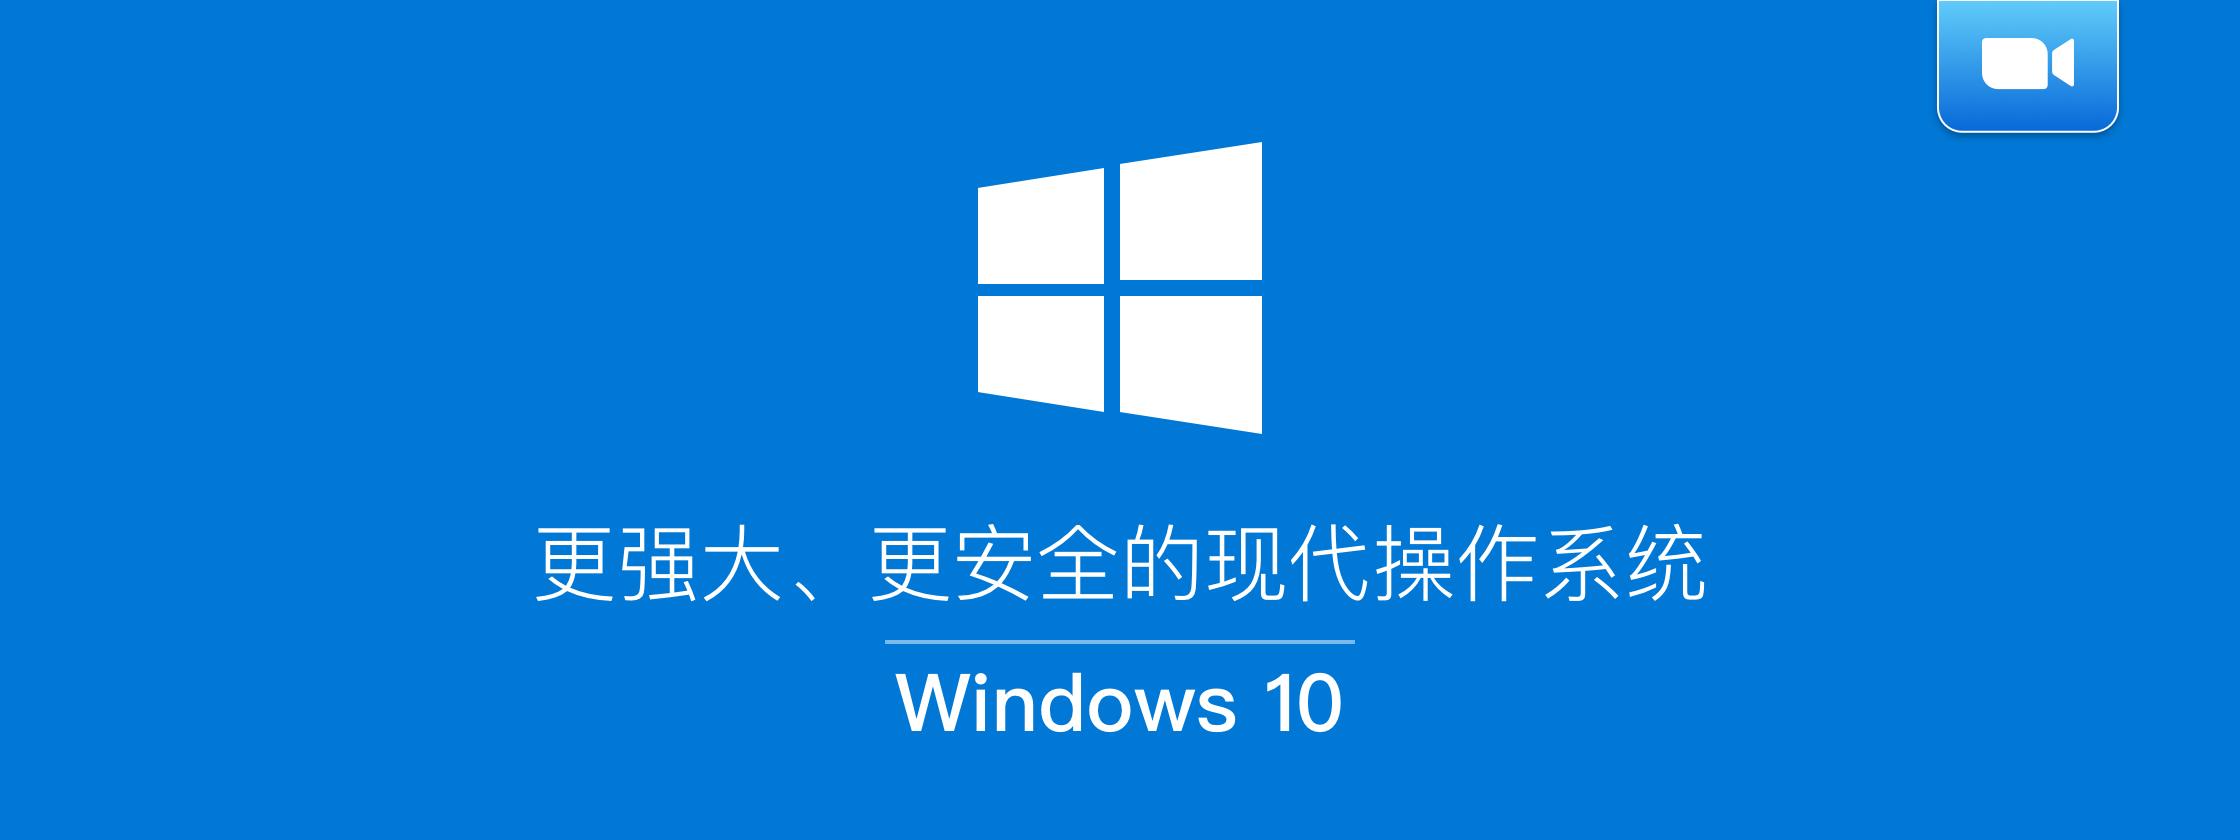 【视频】更强大、更安全的现代操作系统,Windows 10 安装、激活教程